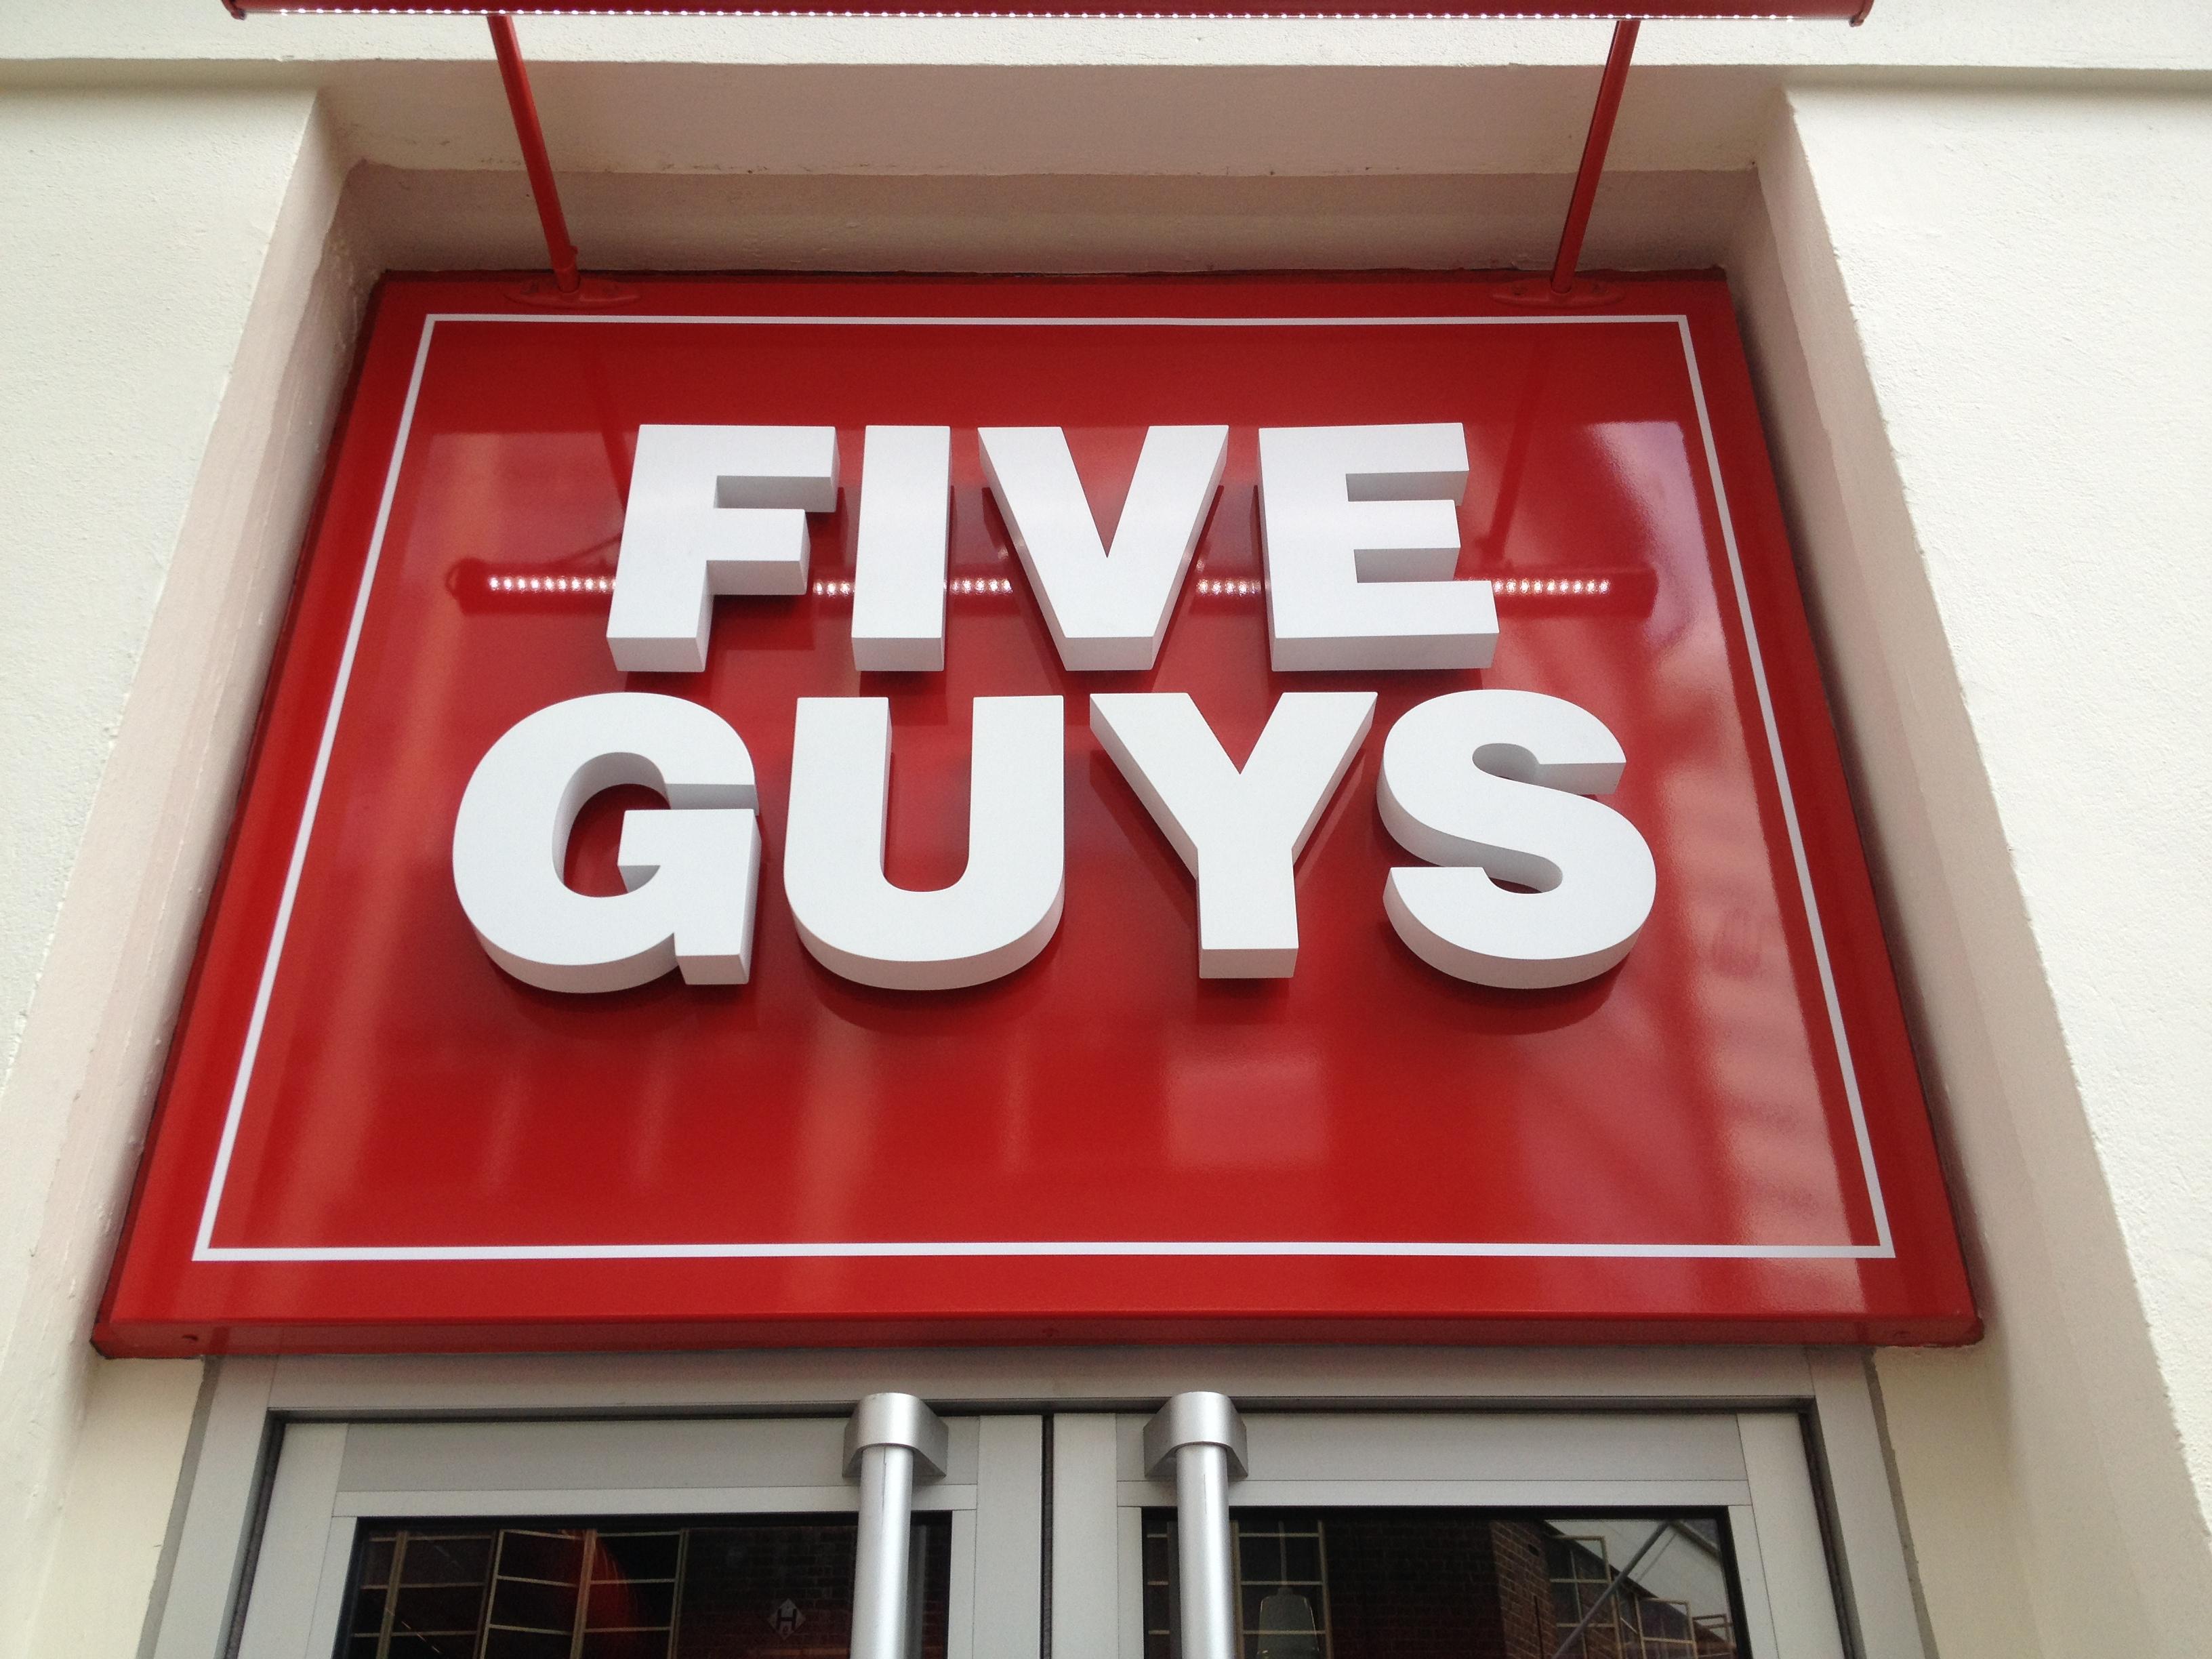 Five guys coupons june 2018